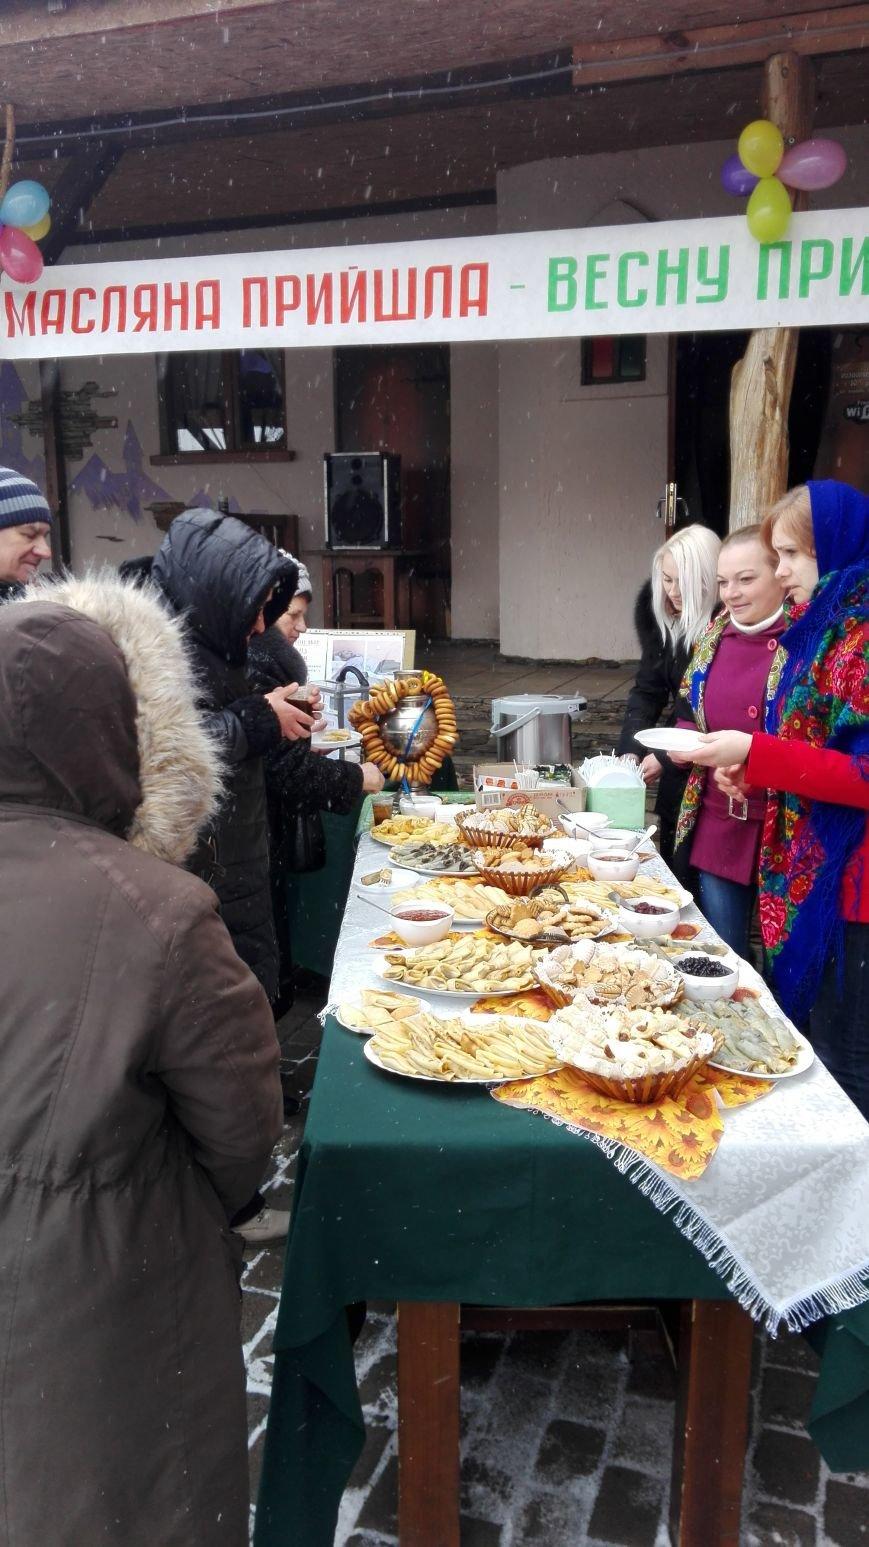 На Масляну у Новограді-Волинському збирали пожертви для атошника, який потребує лікування, фото-3